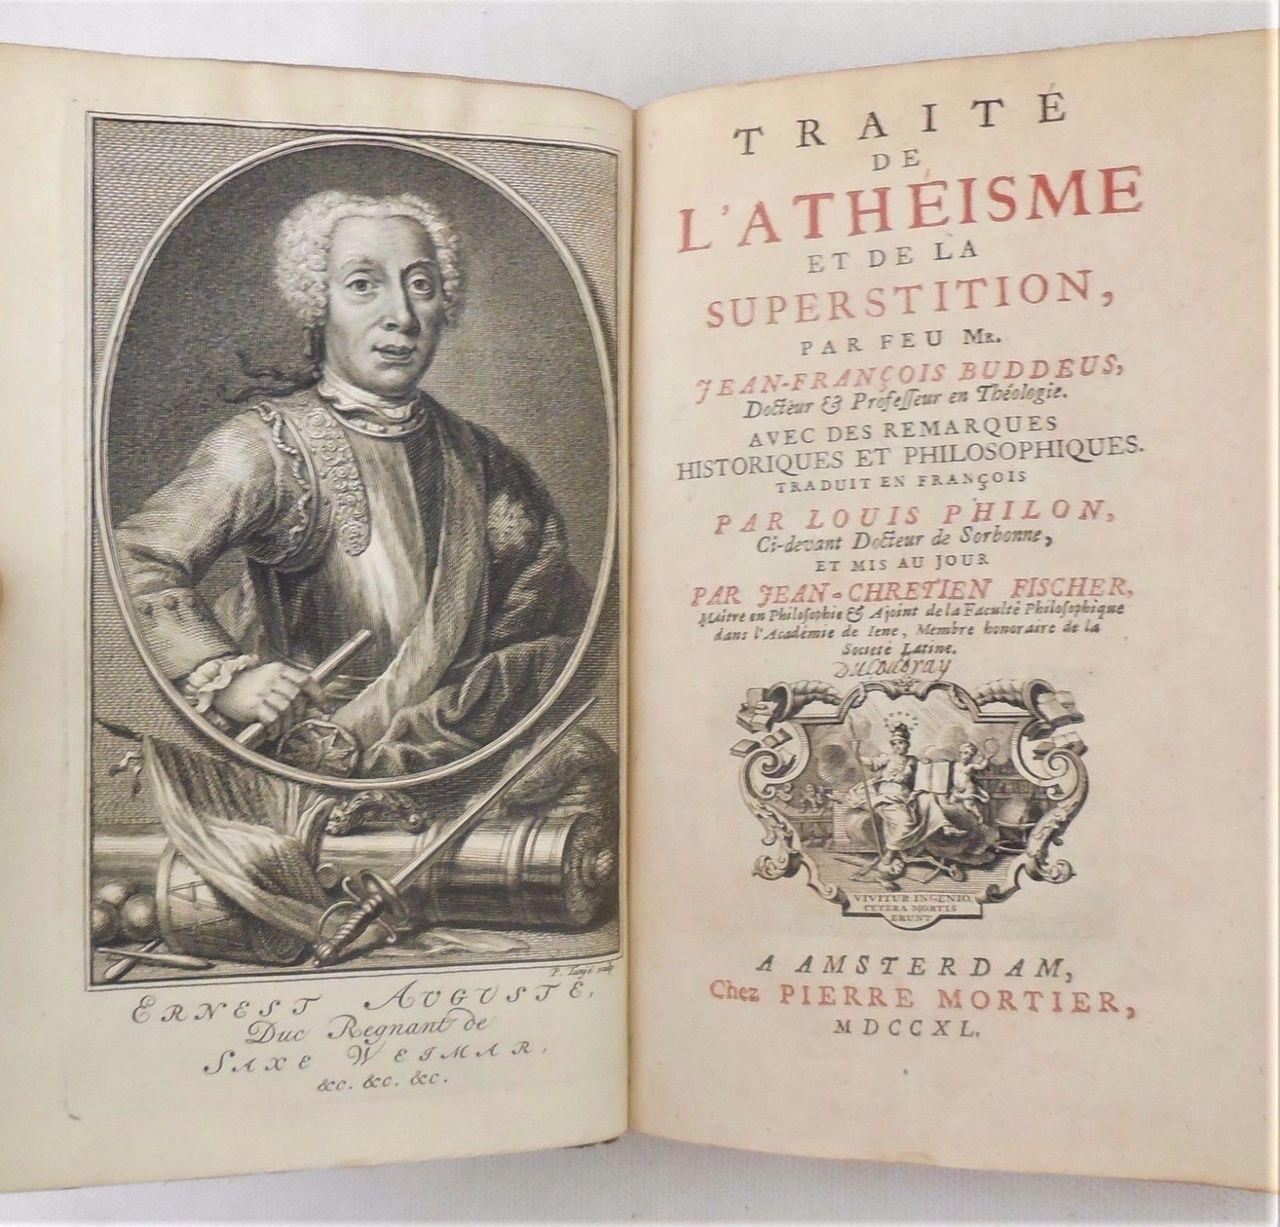 TRAITE DE L'ATHEISME & DE LA SUPERSTITION, JF Buddeus- 1740 leatherbound atheism